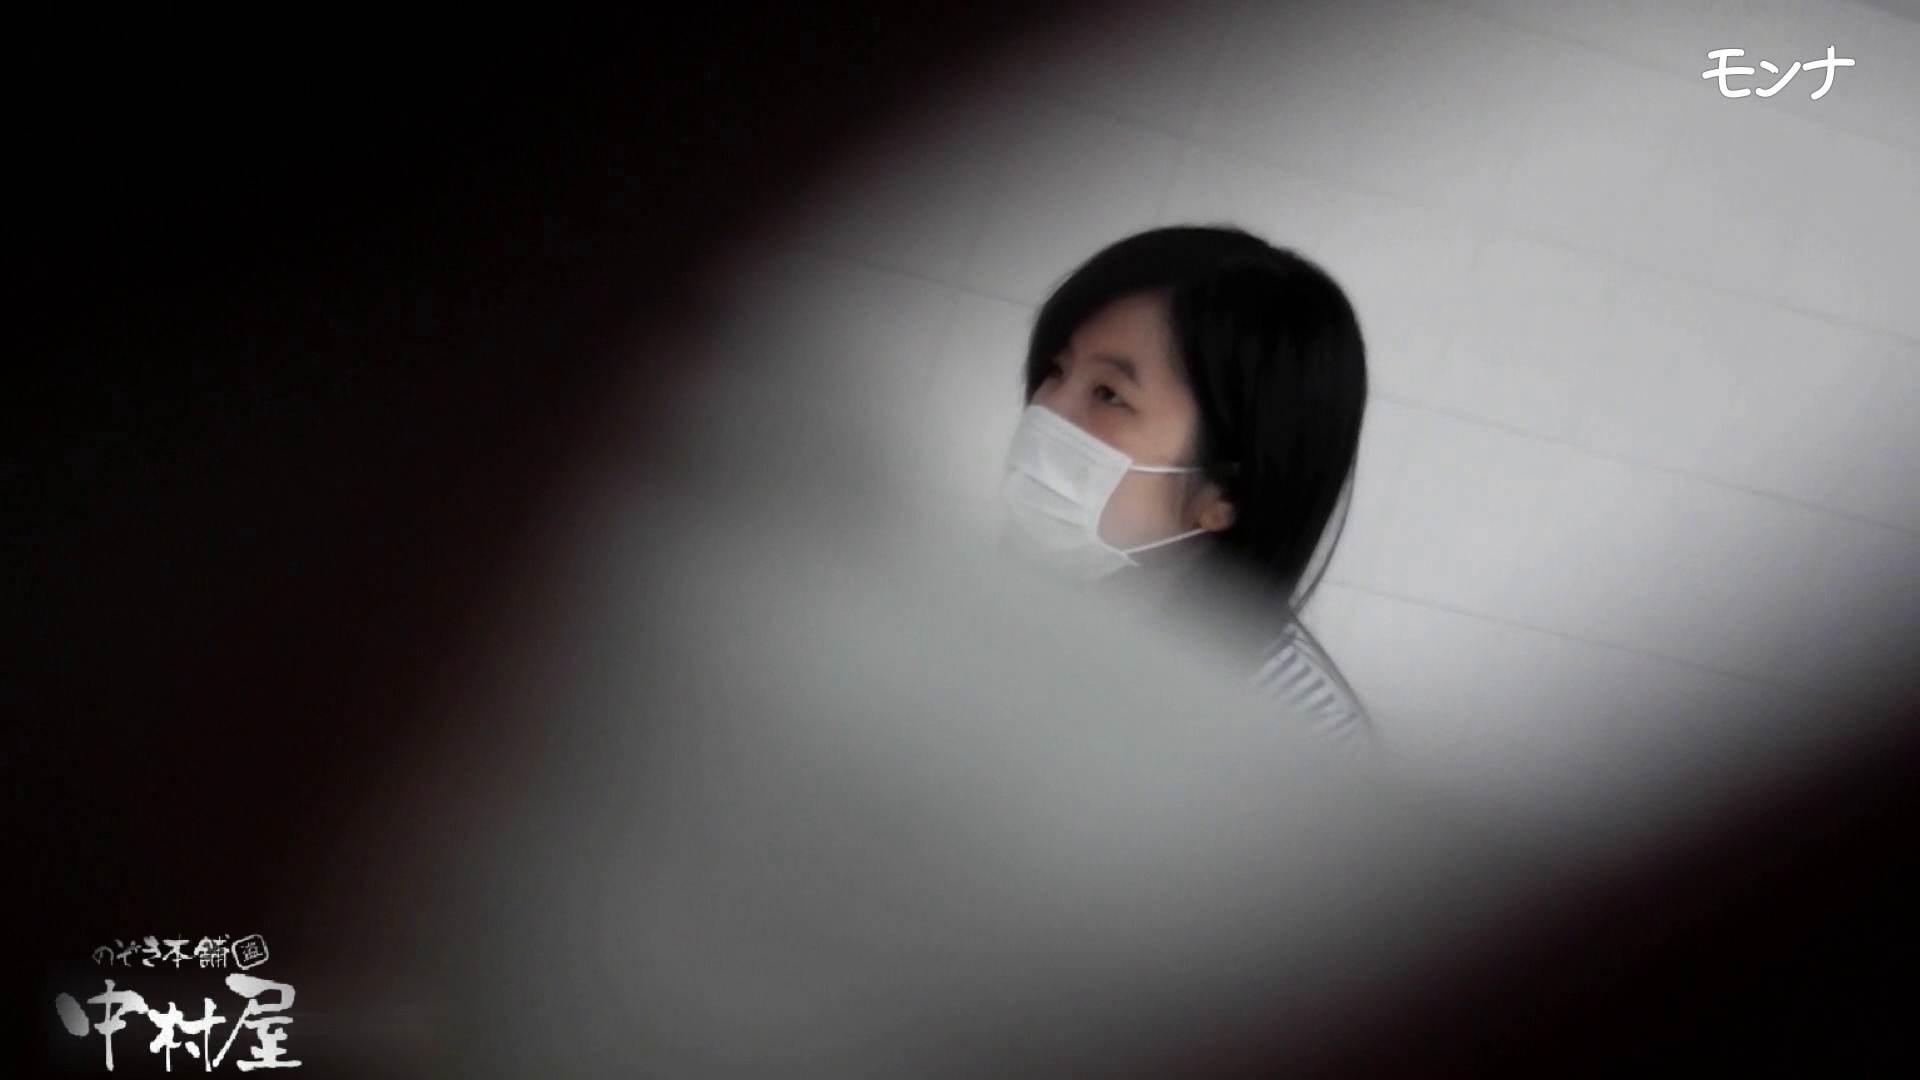 【美しい日本の未来】美しい日本の未来 No.73 自然なセクシーな仕草に感動中 おまんこ見放題 | 盗撮シリーズ  84PIX 55